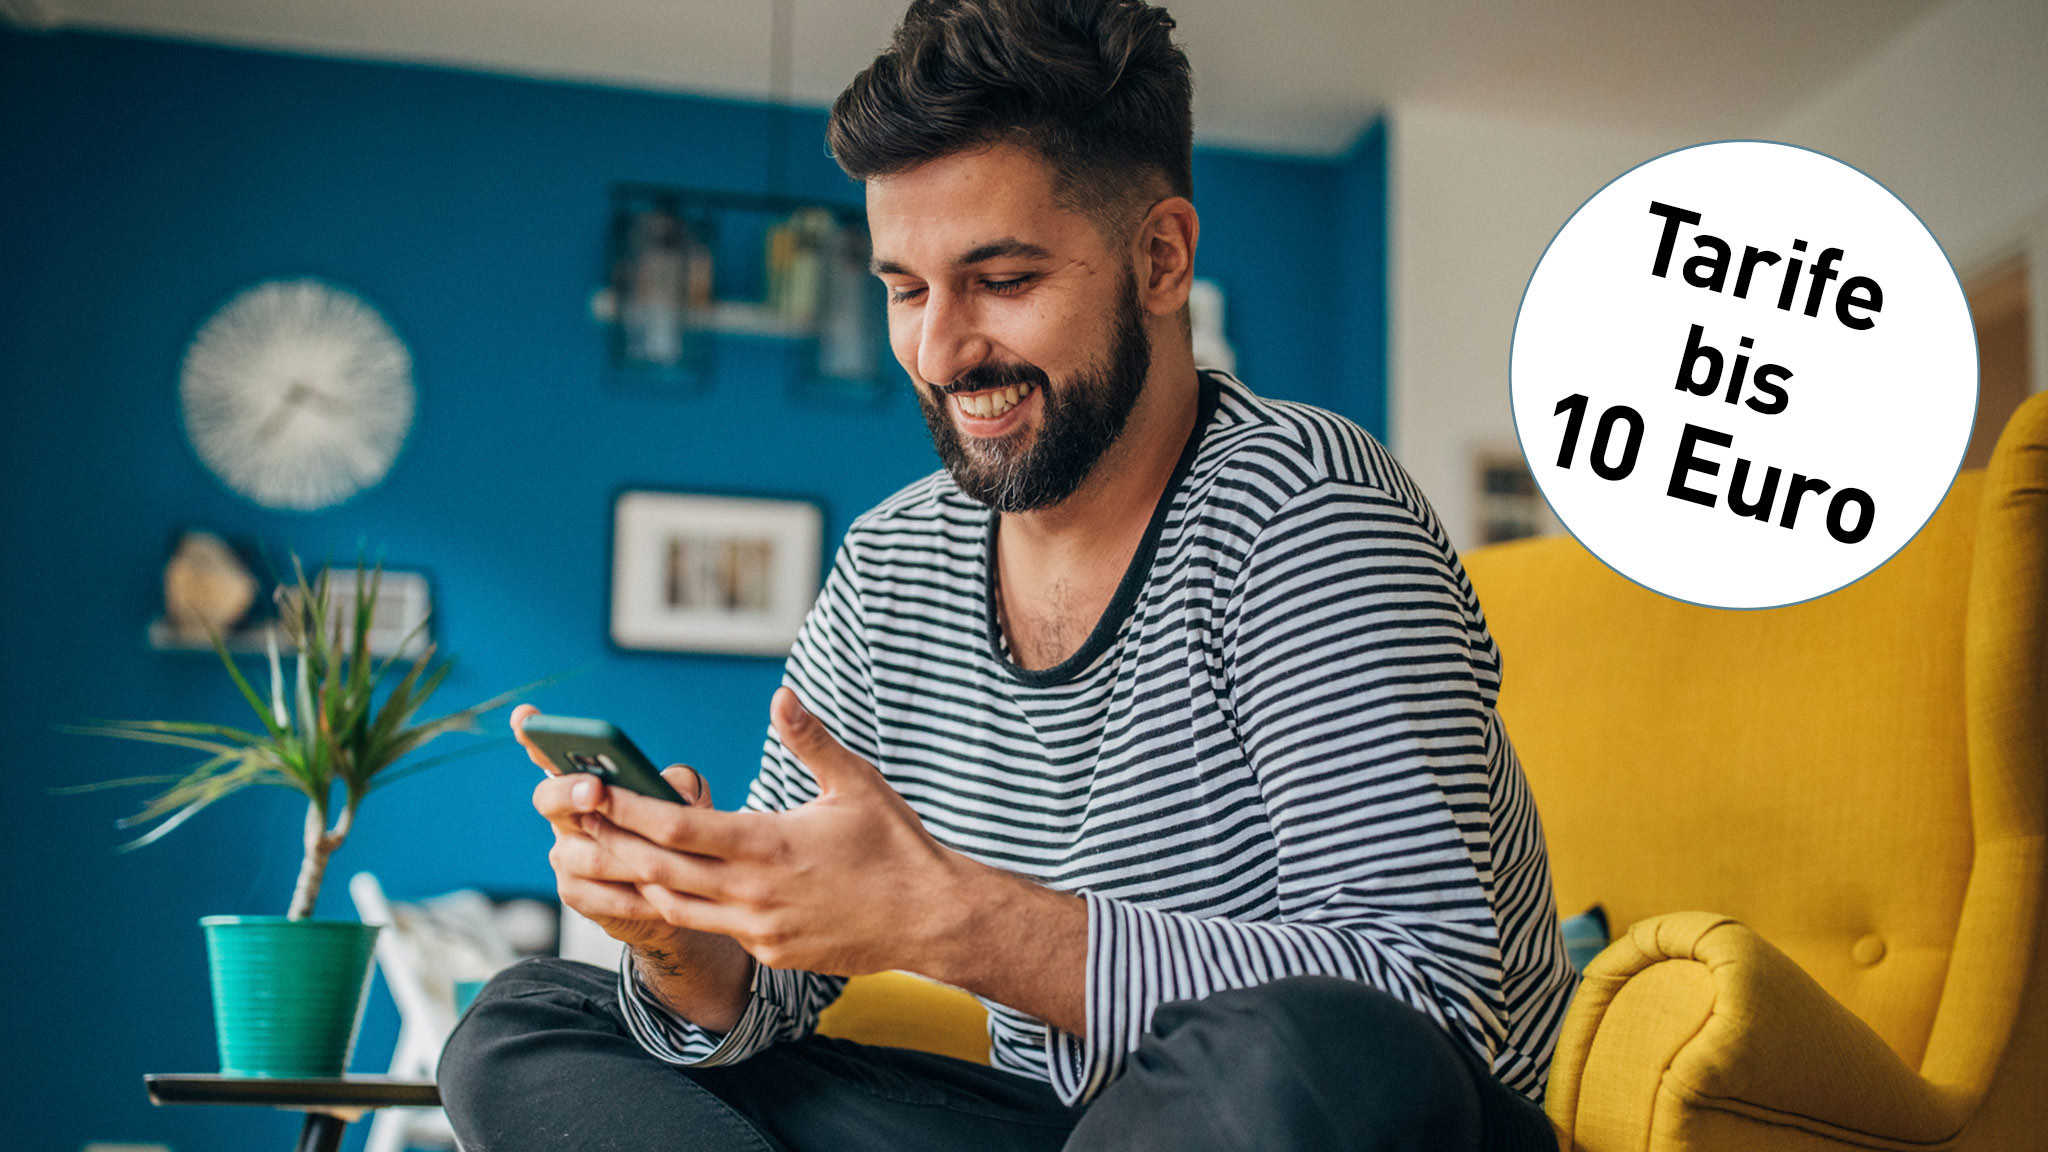 Handyvertrag bis 10 Euro: Telefonieren, simsen, surfen für kleines Geld